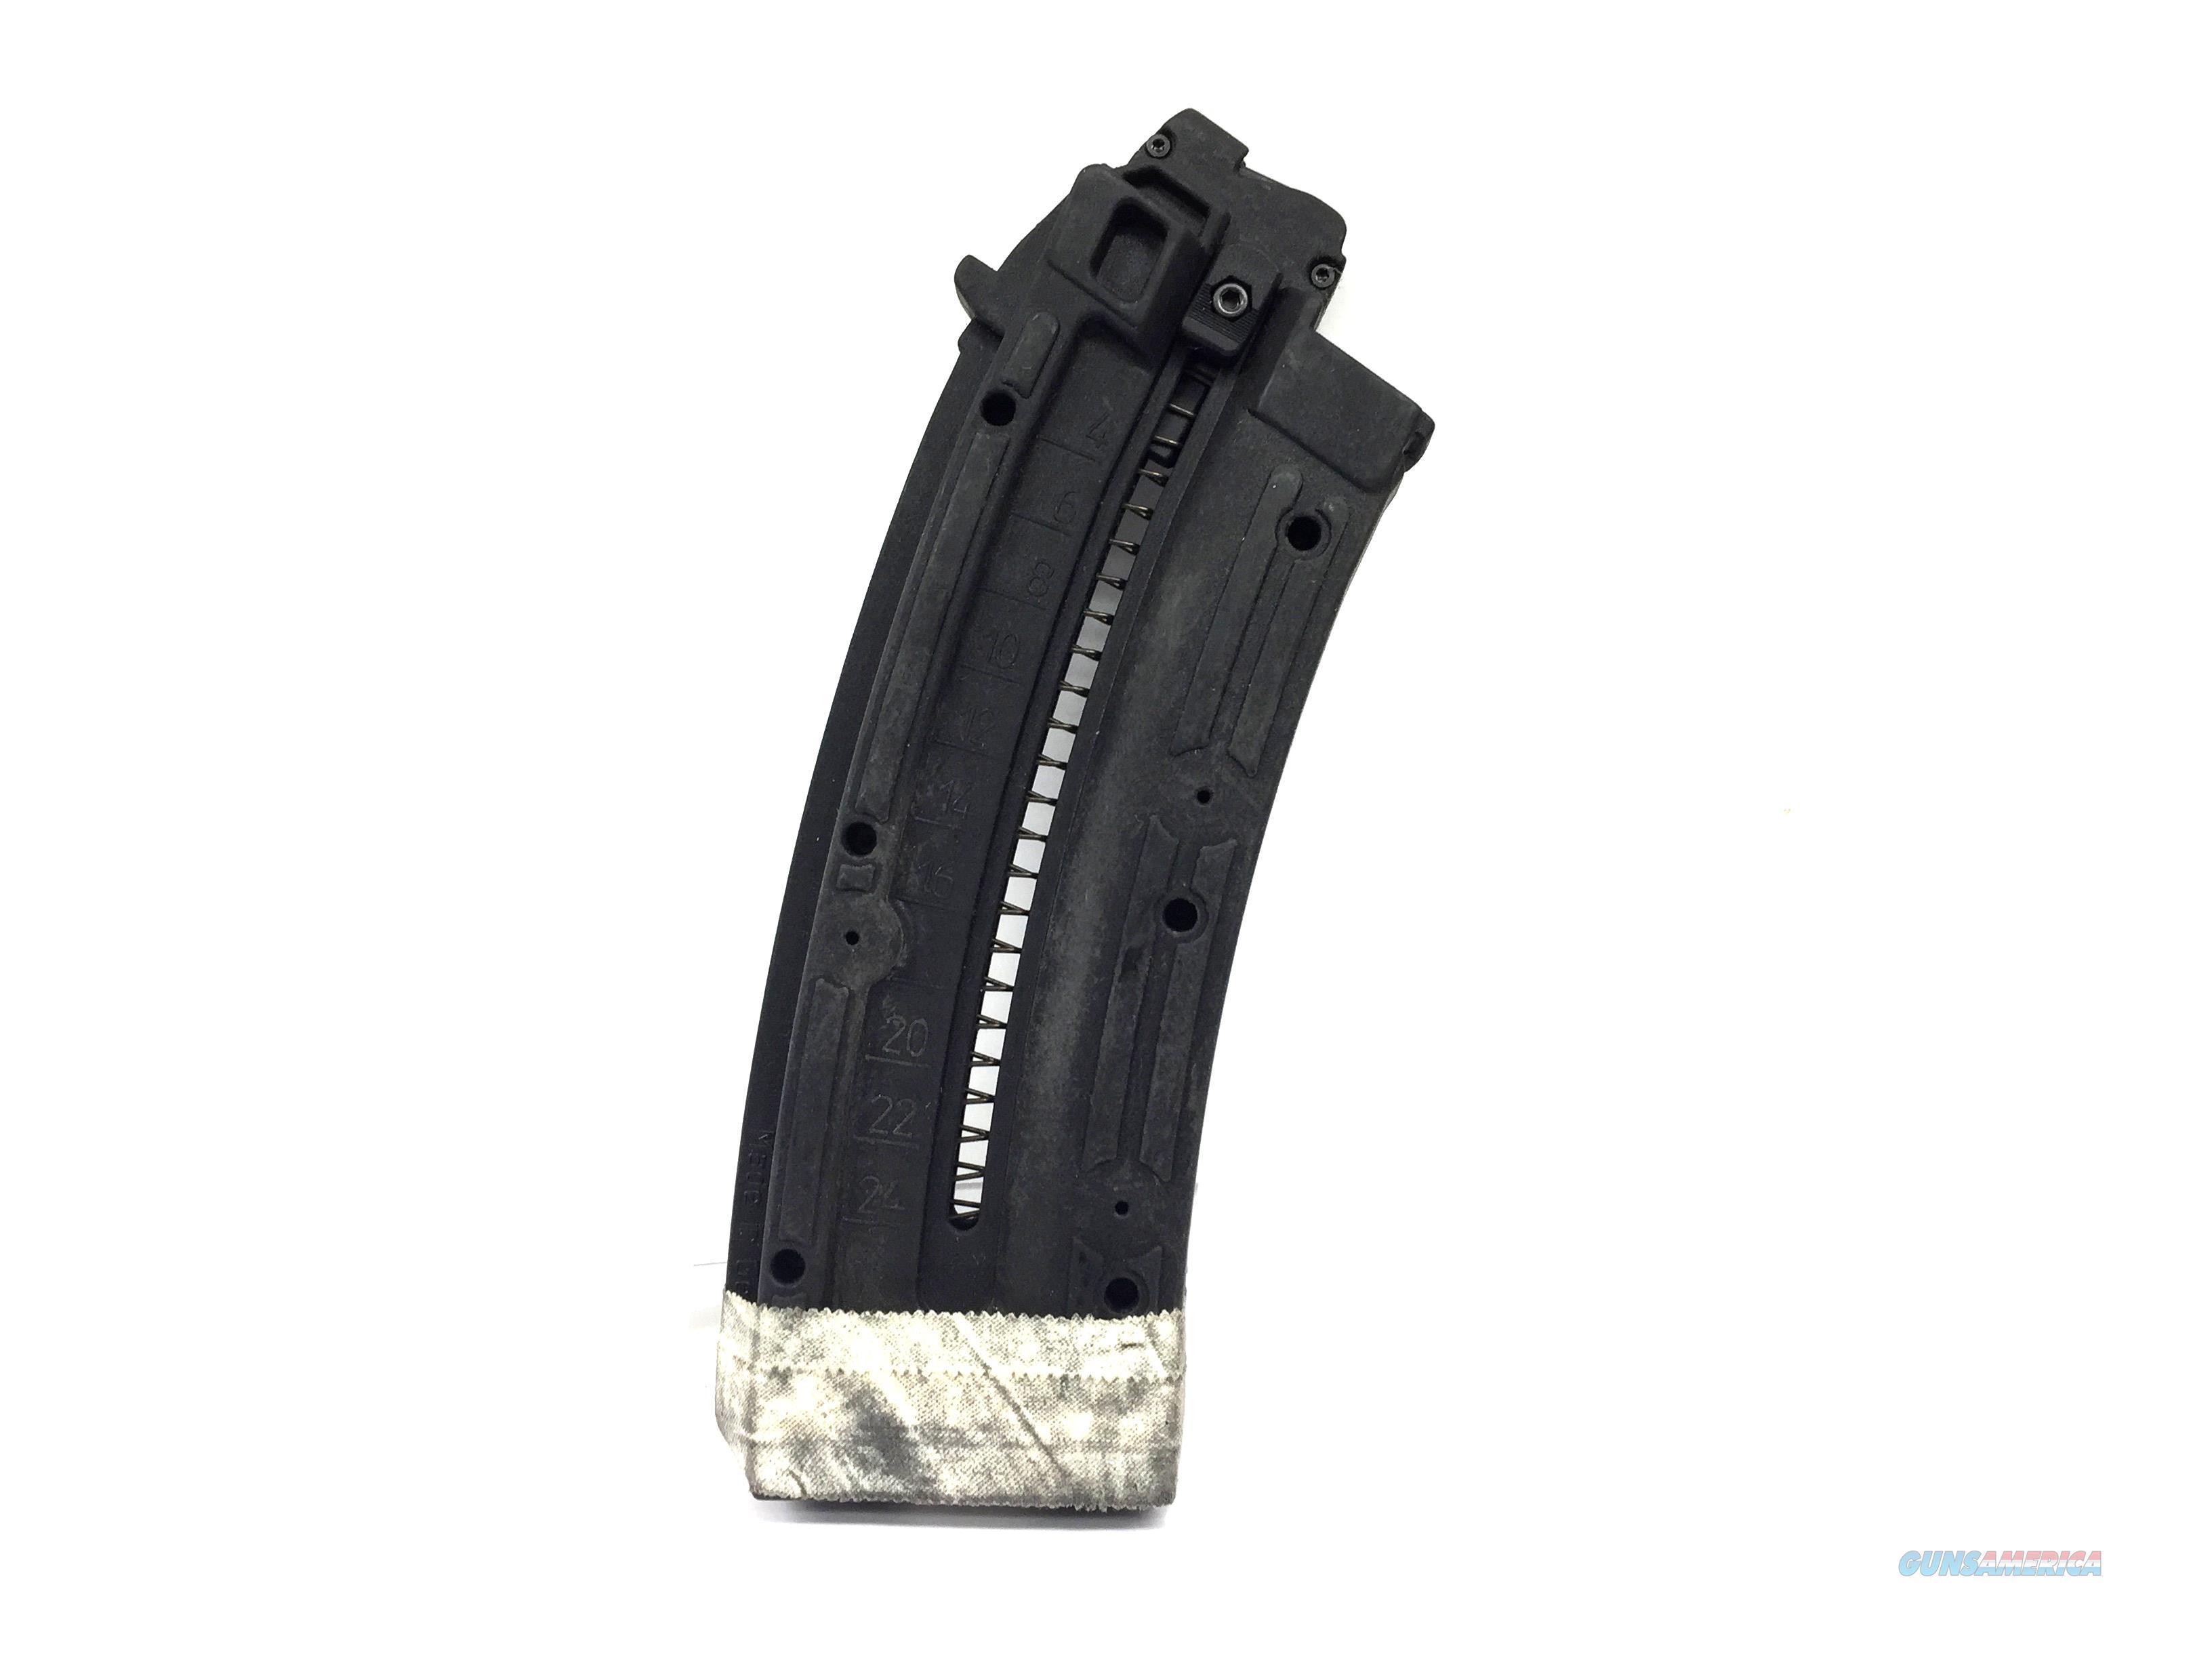 GSG AK-47 .22LR 24 Round Magazine  Non-Guns > Magazines & Clips > Rifle Magazines > AK Family